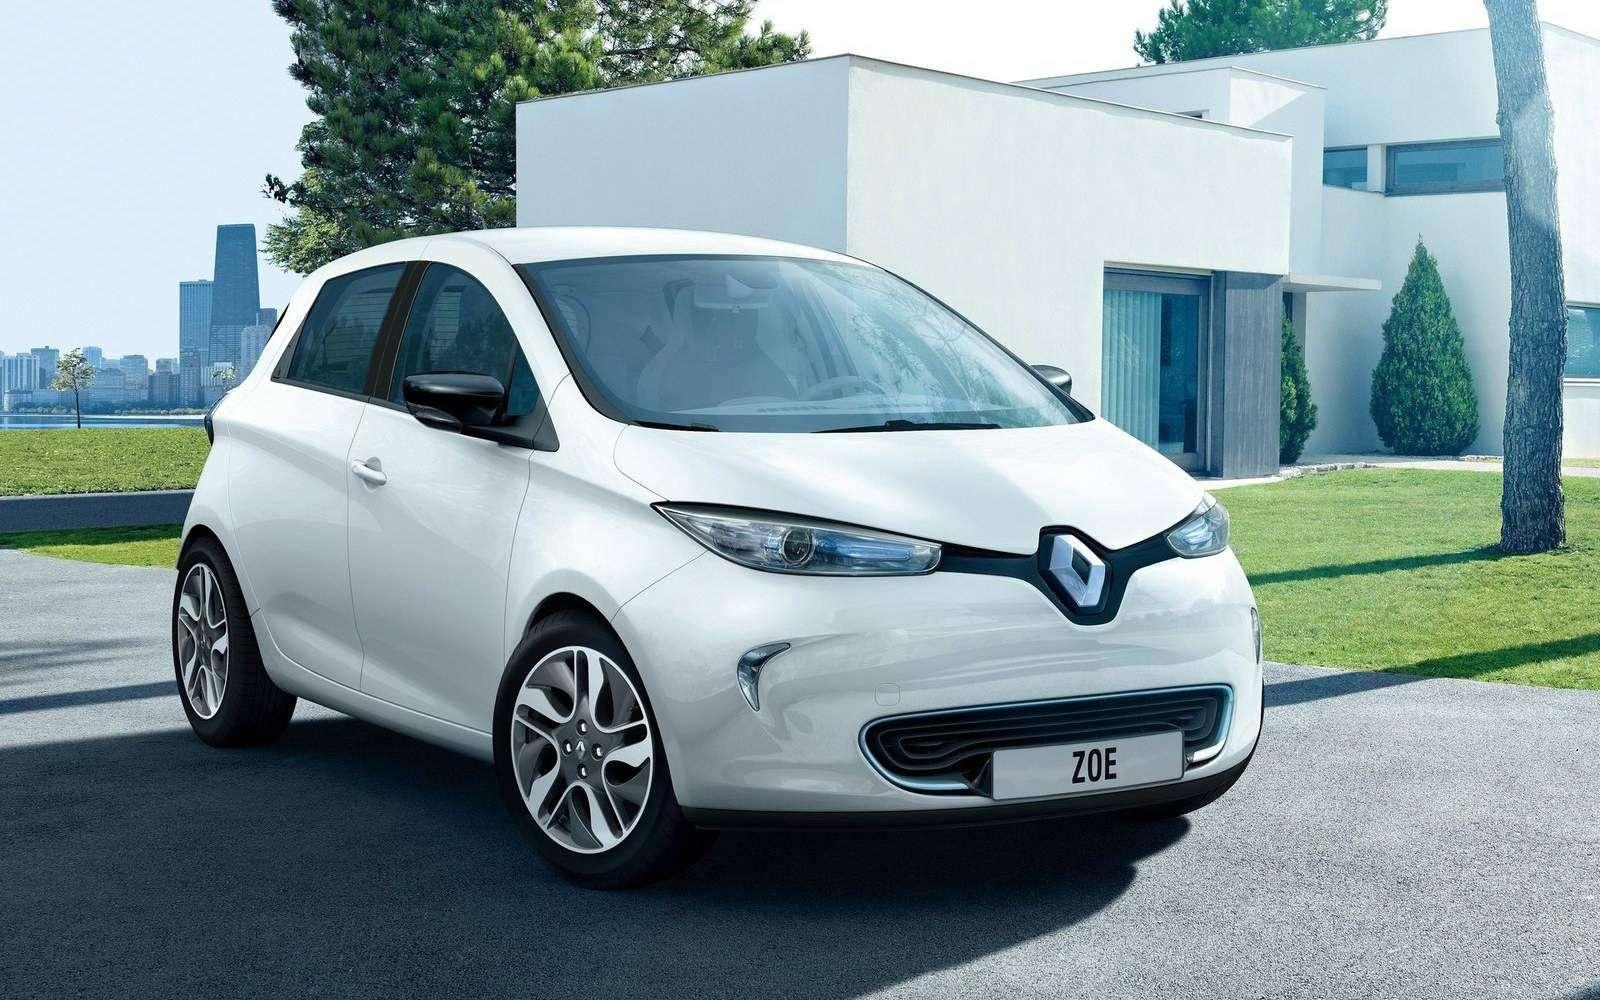 雷诺宣布将在中国市场推出首款国产纯电动汽车